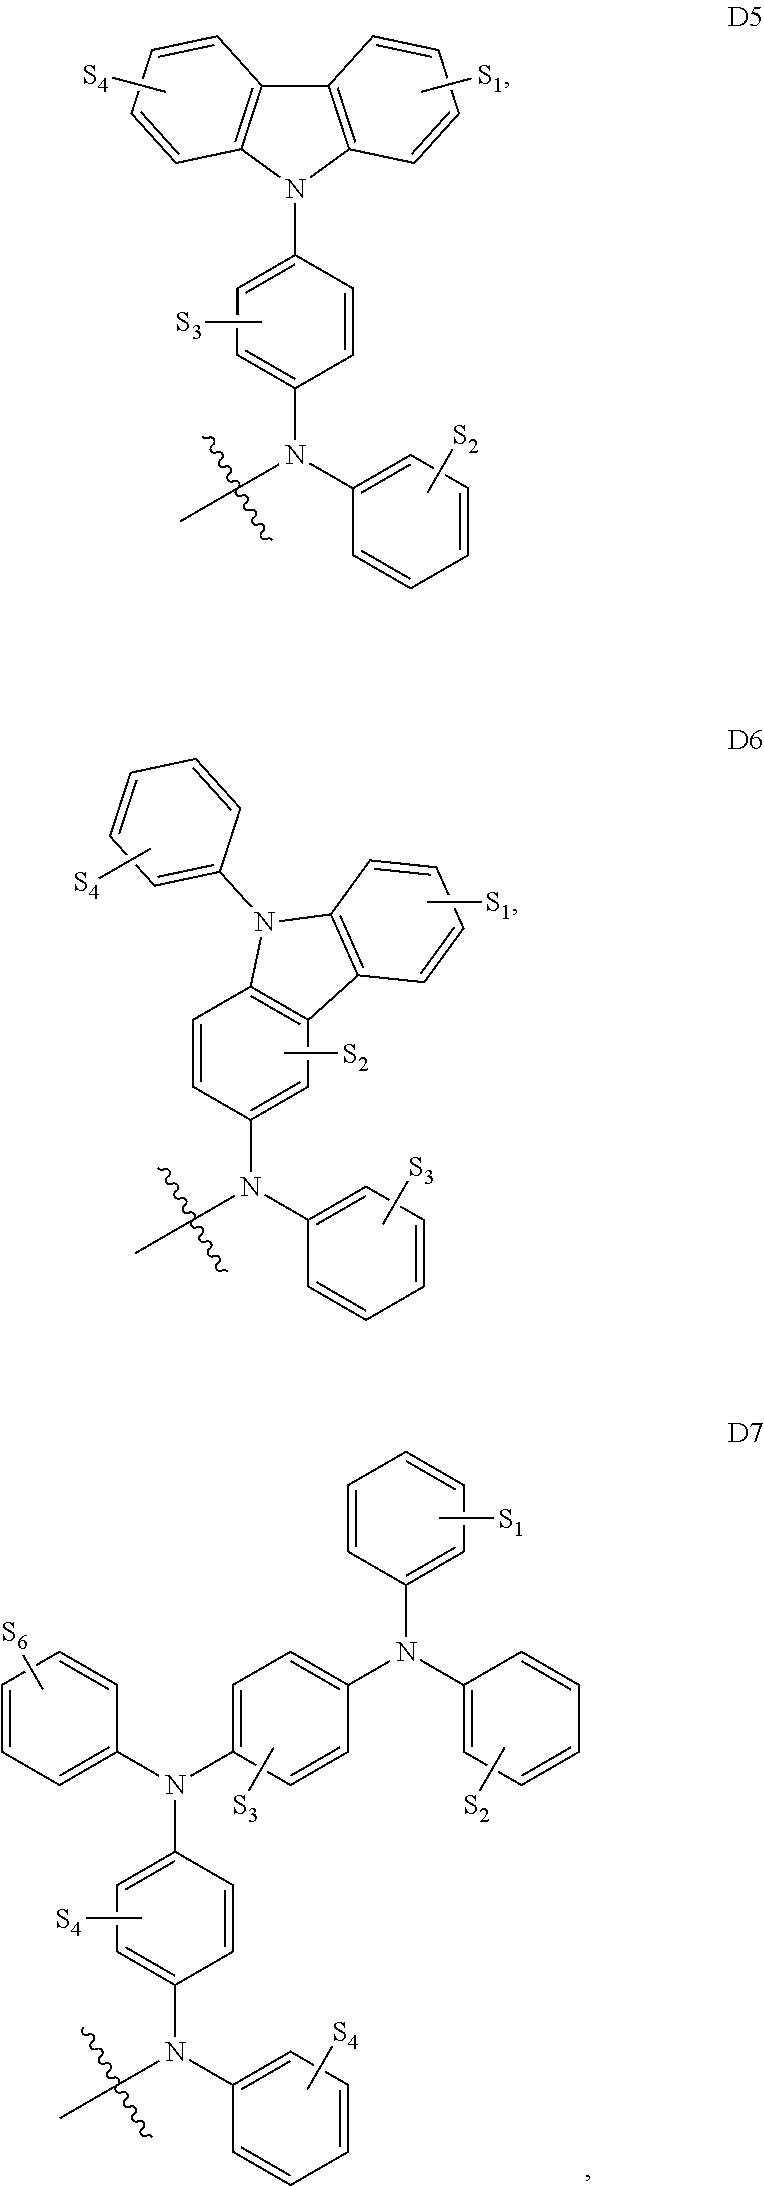 Figure US09324949-20160426-C00004